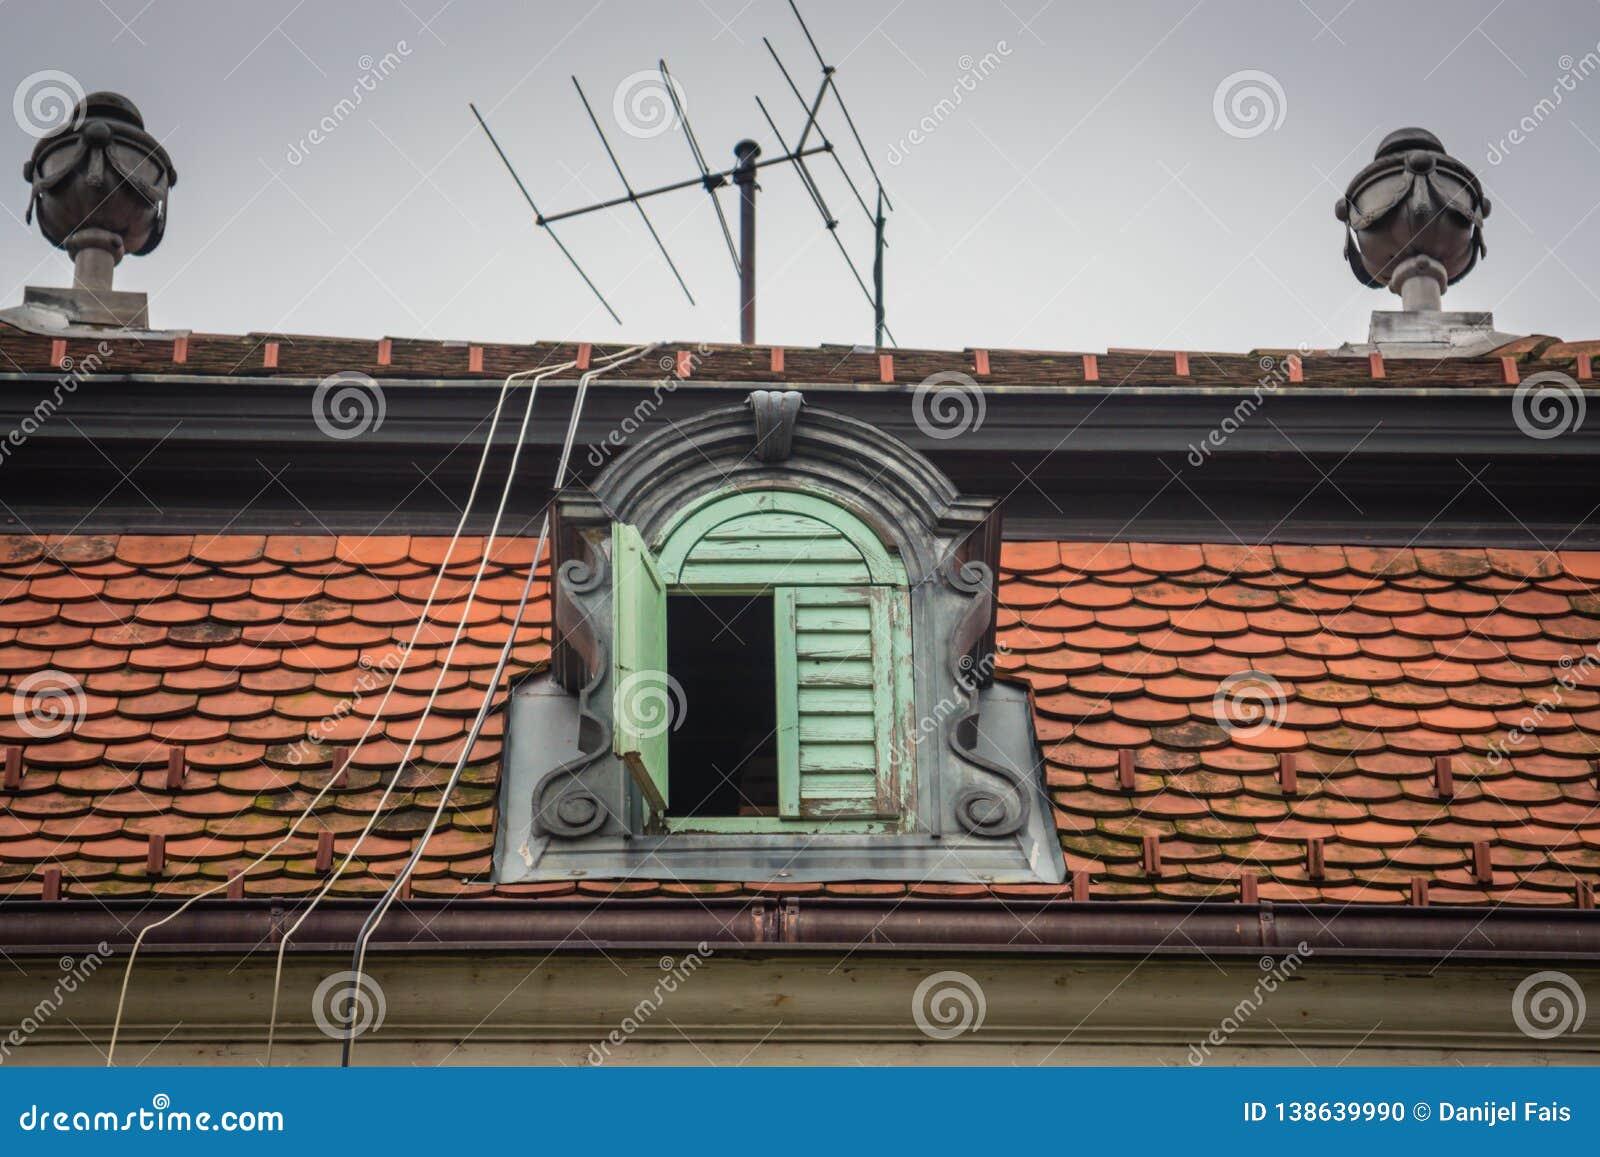 与天线和导线的一个冠屋顶窗口